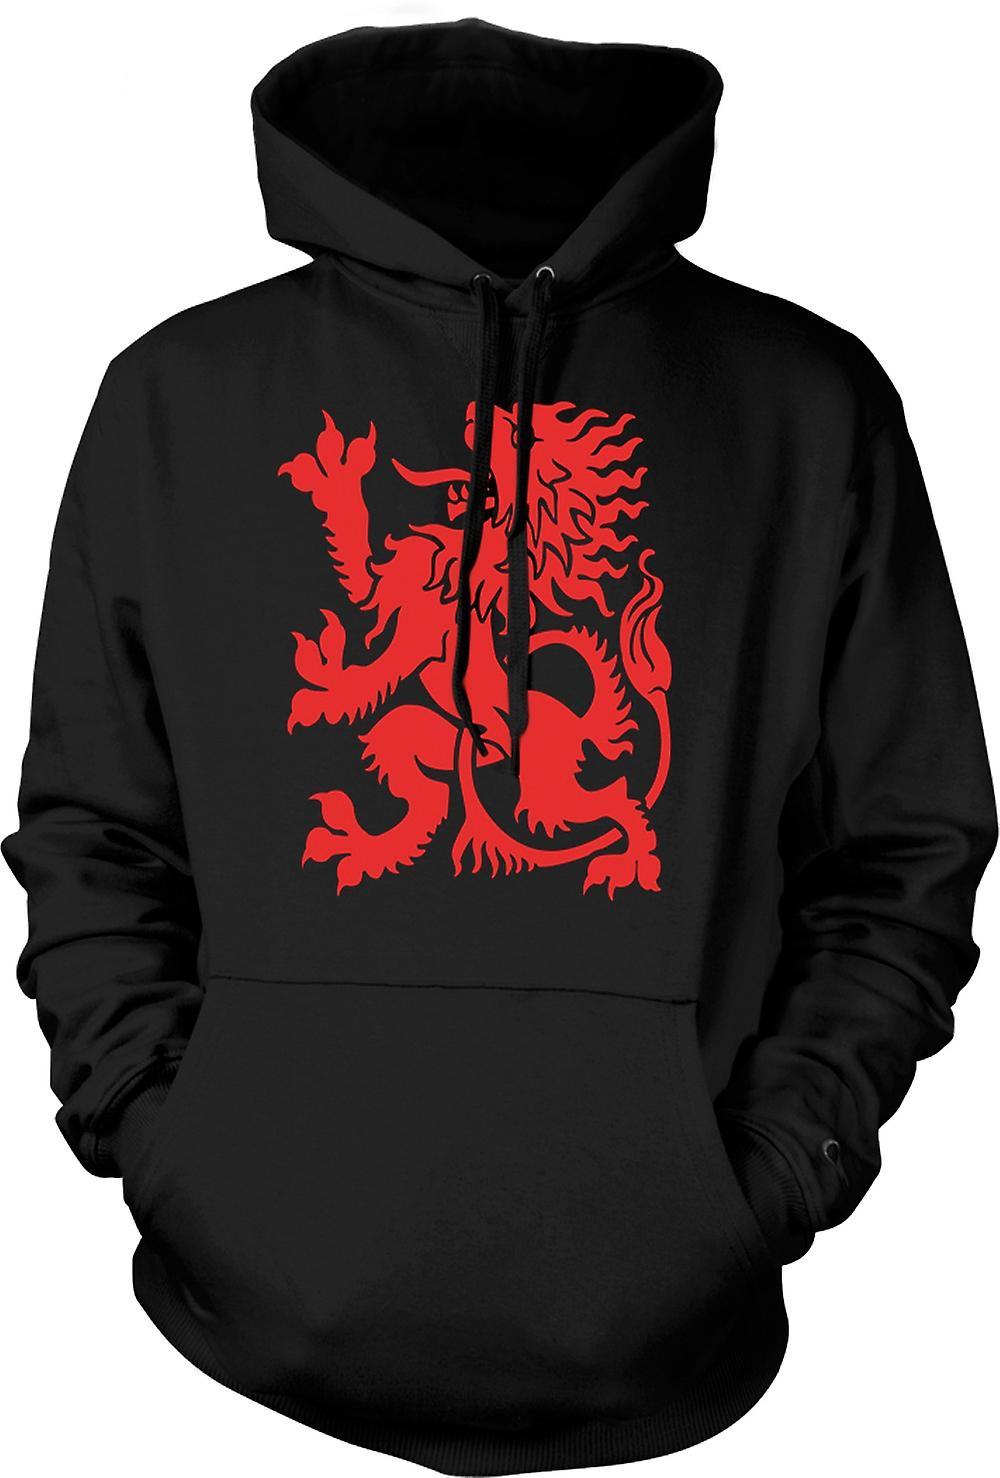 Mens Hoodie - je t'aime au pays de Galles